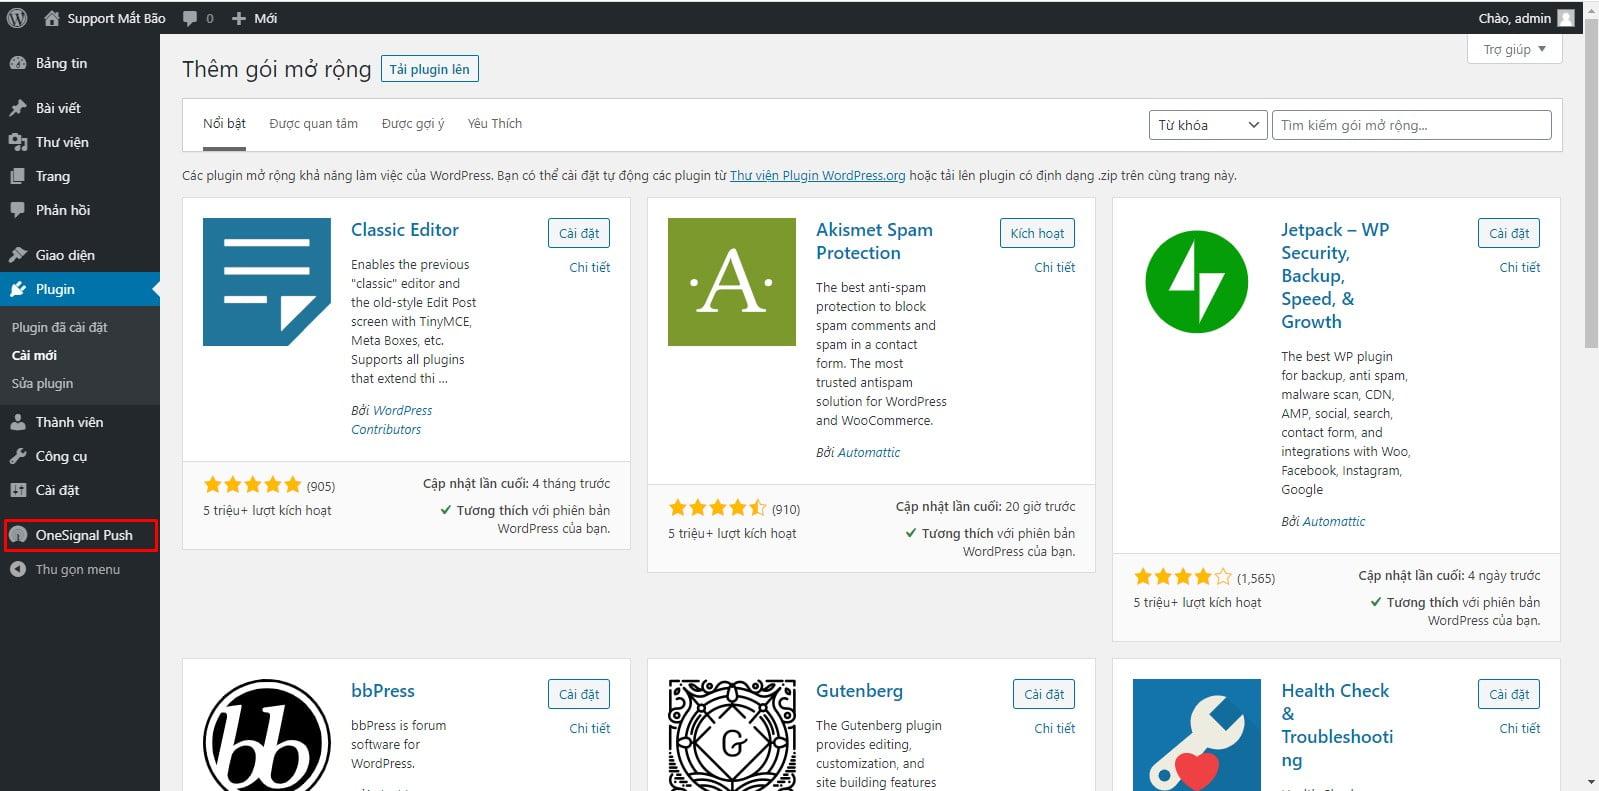 04 - Hướng dẫn cài đặt thông báo đẩy OneSignal cho WordPress từ A tới Z - Trung tâm hỗ trợ kỹ thuật